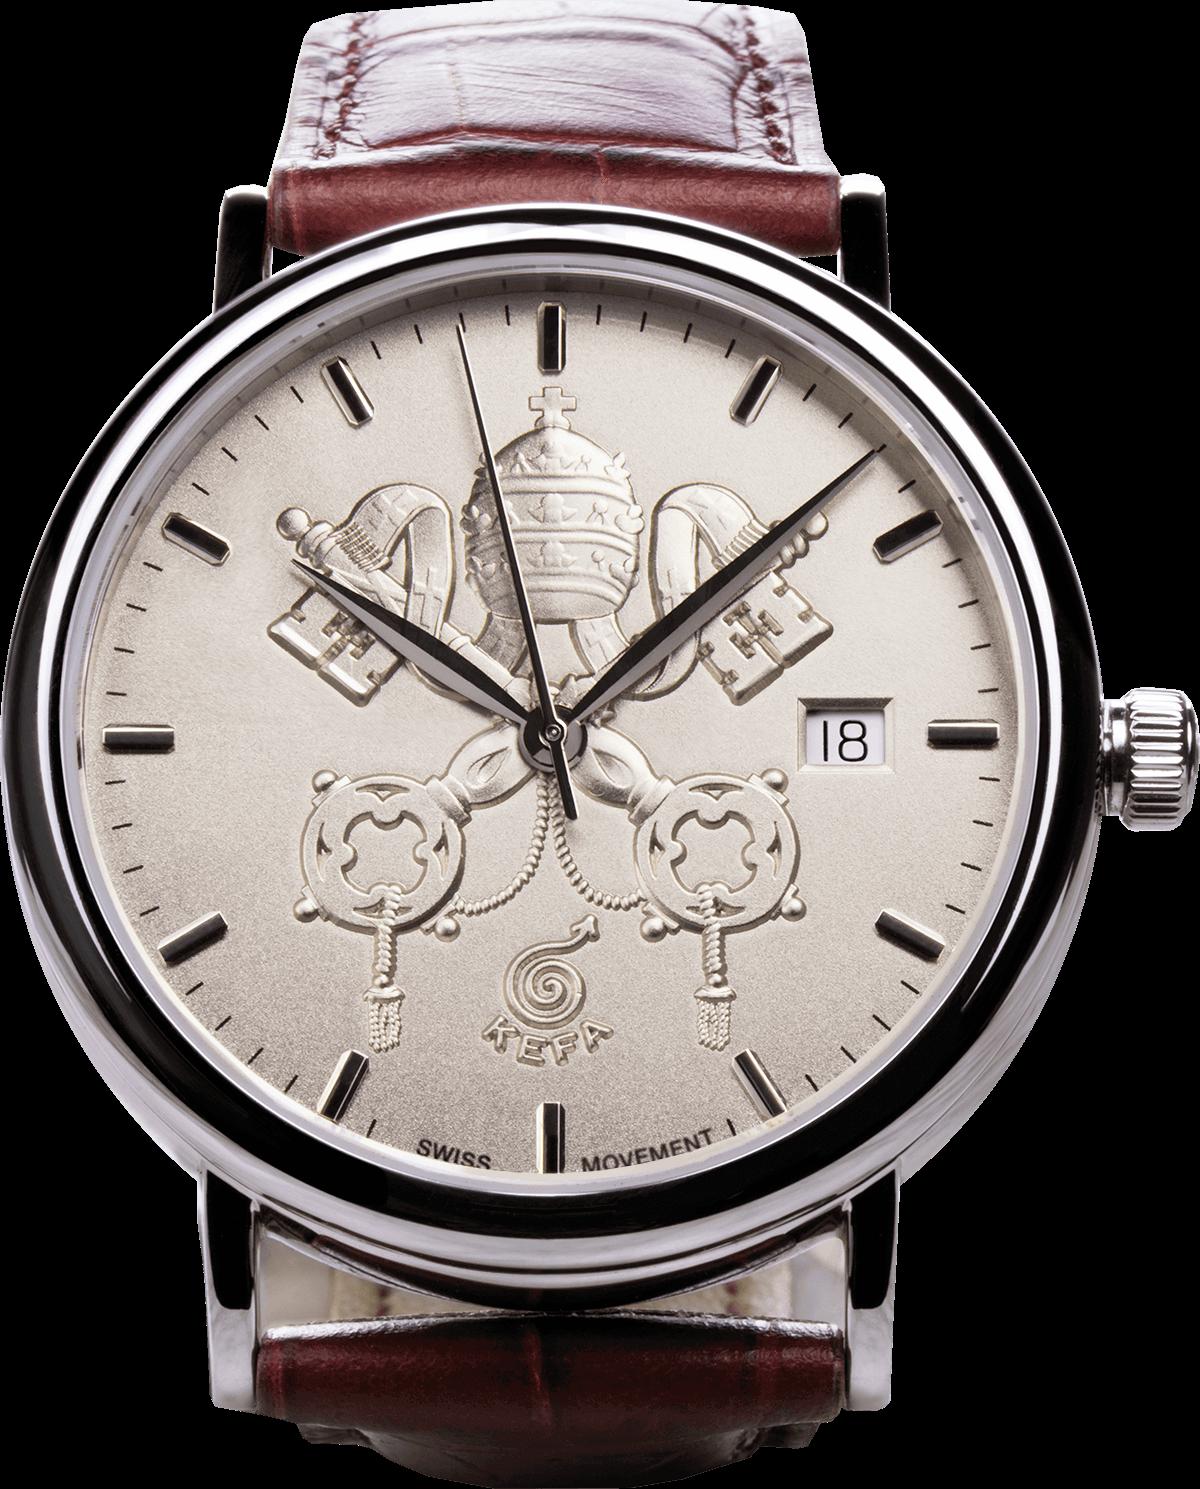 Petrus, orologio di Papa Francesco con stemma del Vaticano, vista frontale